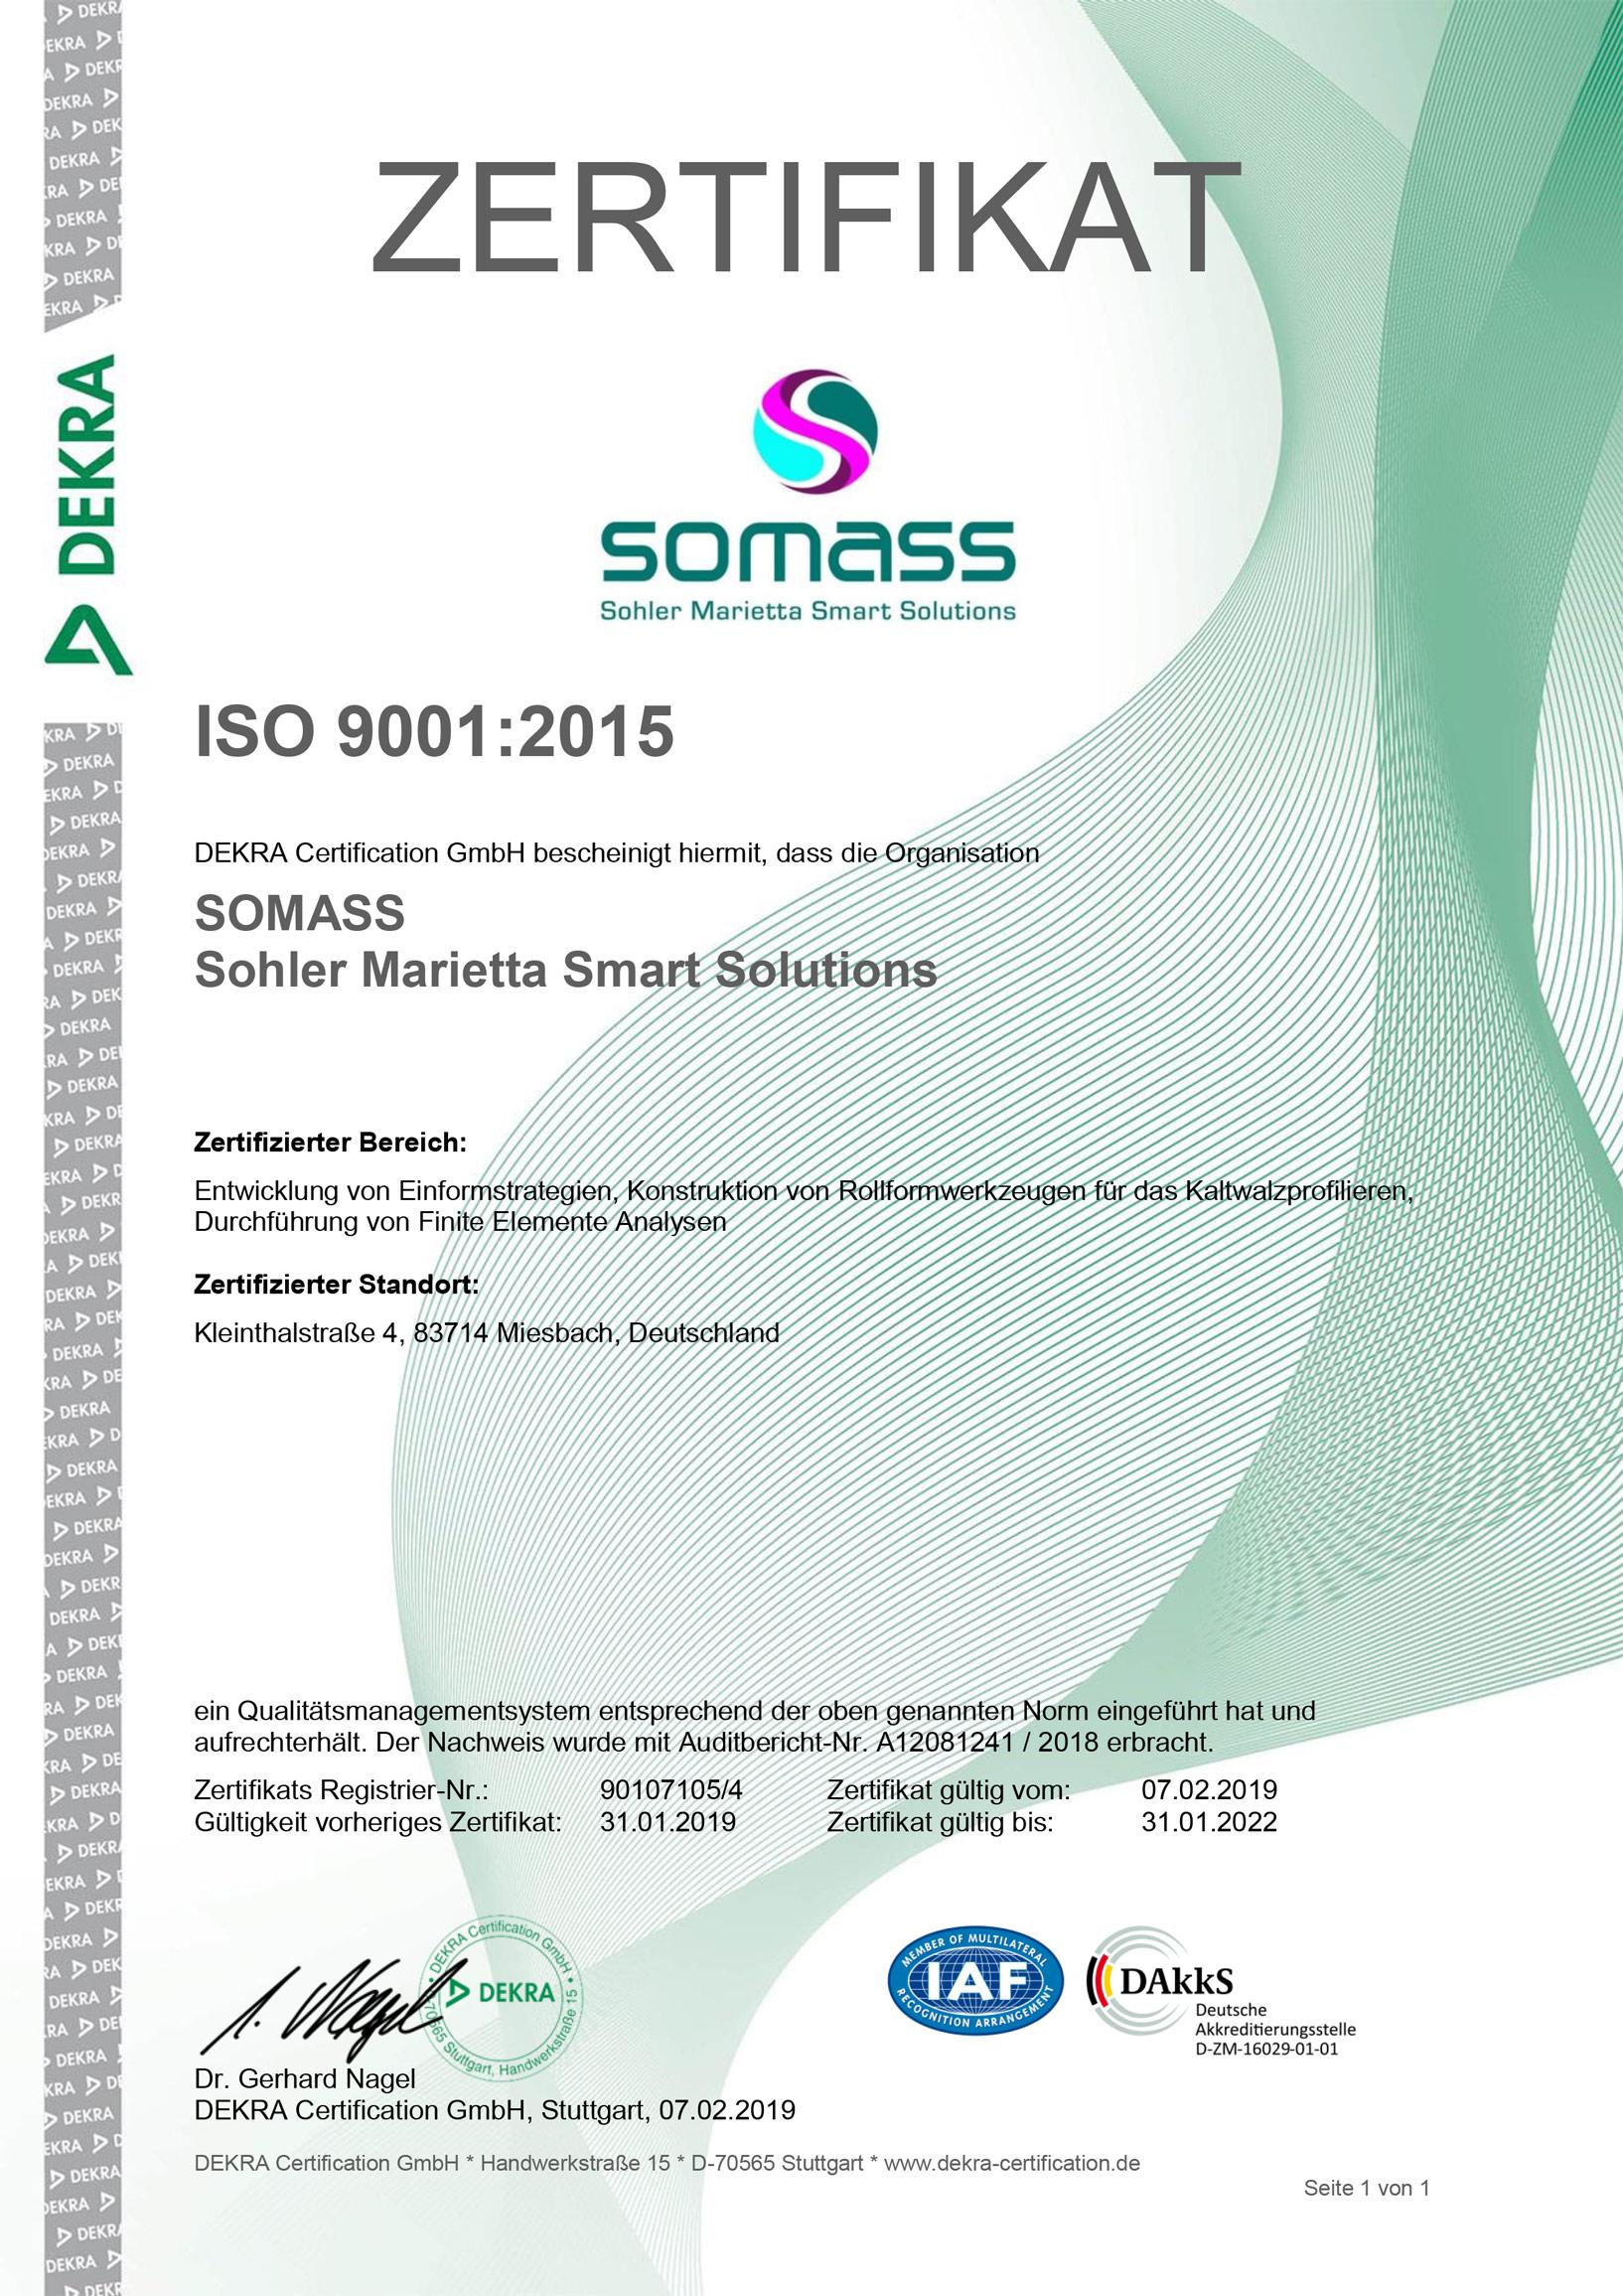 Zertifikat-RZ-90107105_4-ger